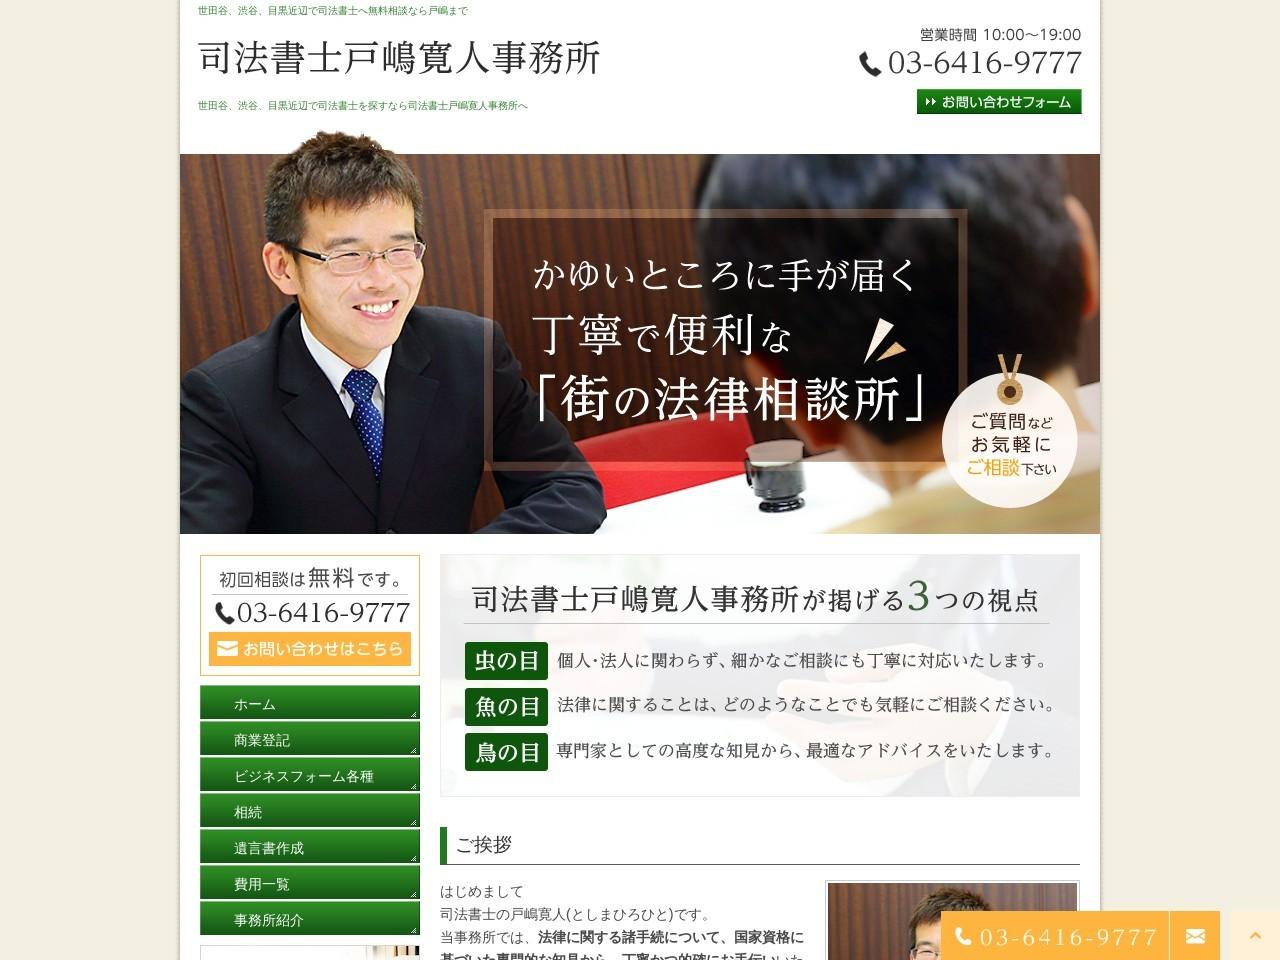 司法書士戸嶋寛人事務所